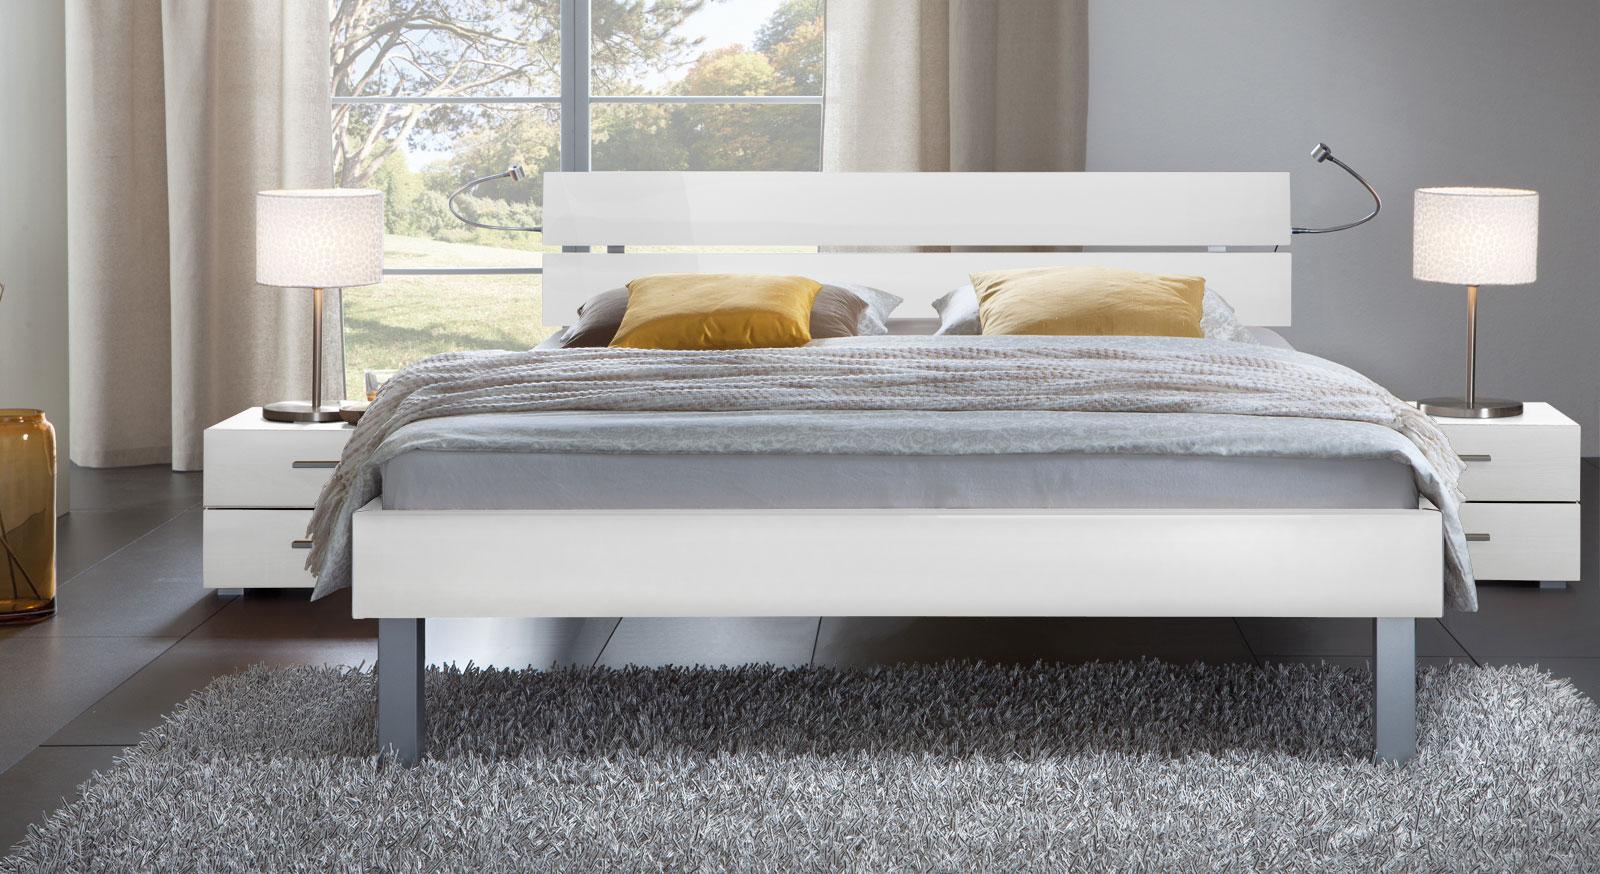 Das Bett Belluno in der Fußhöhe 25cm und aus MDF, hochglanz weiss